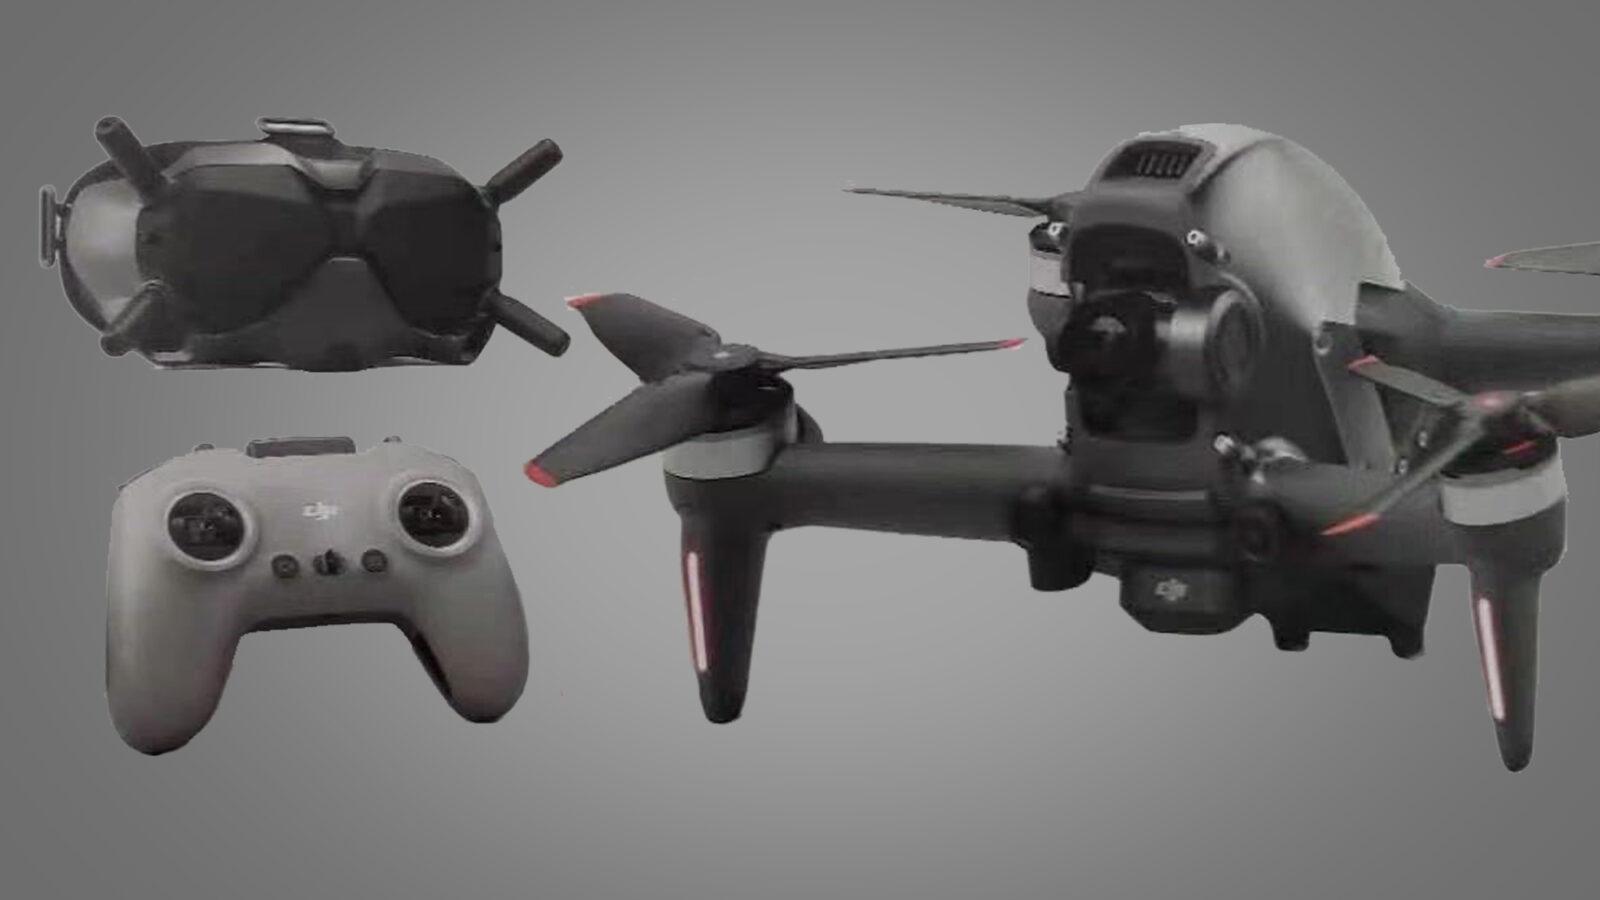 Новейший дрон DJI засветился в видео до официального анонса